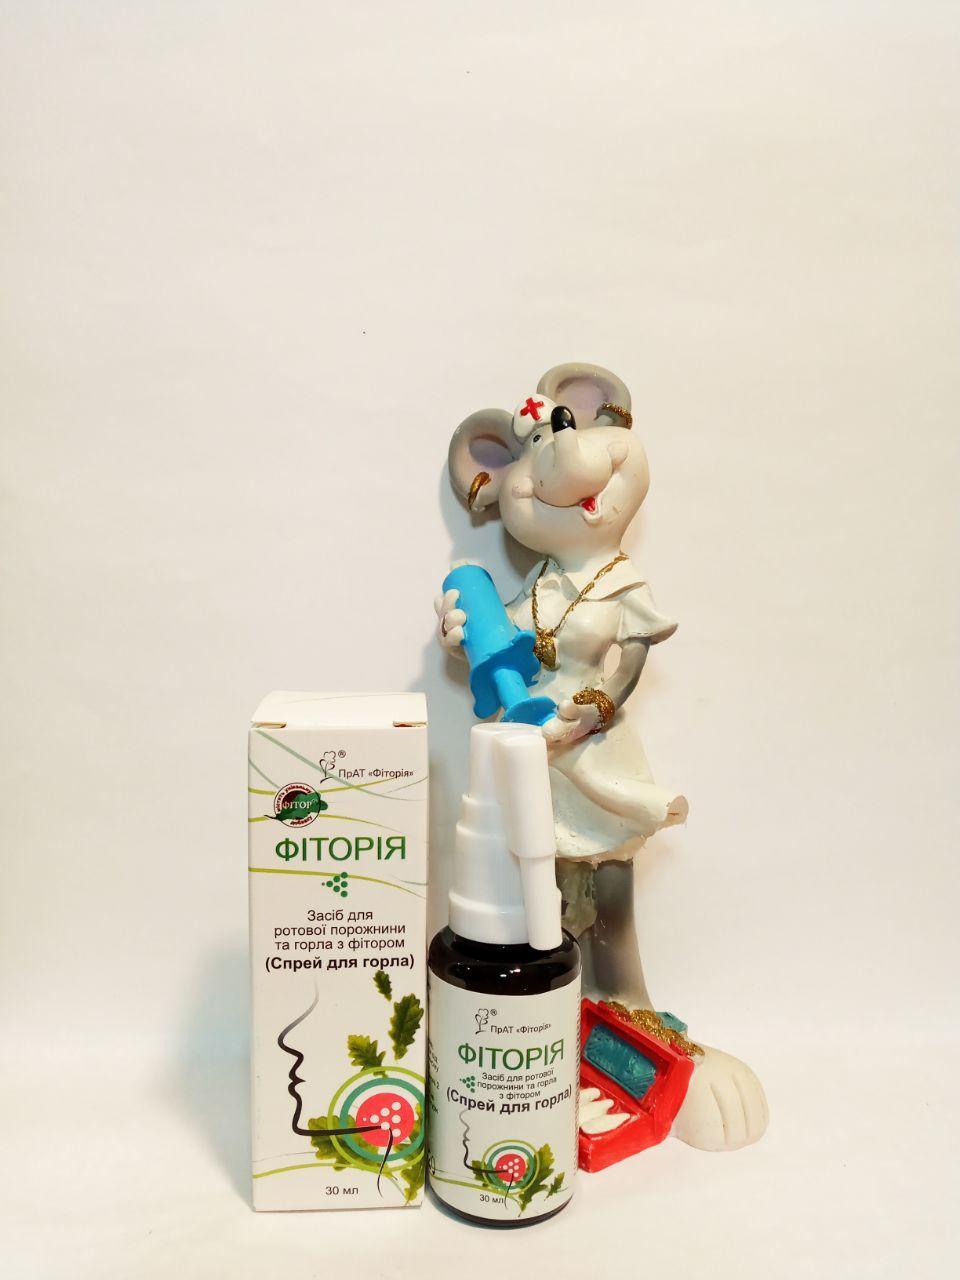 спрей для горла Фитория - экстракт листьев дуба, обогащенный эвкалиптом и шалфеем для комплексной терапии воспалительных заболеваний горла